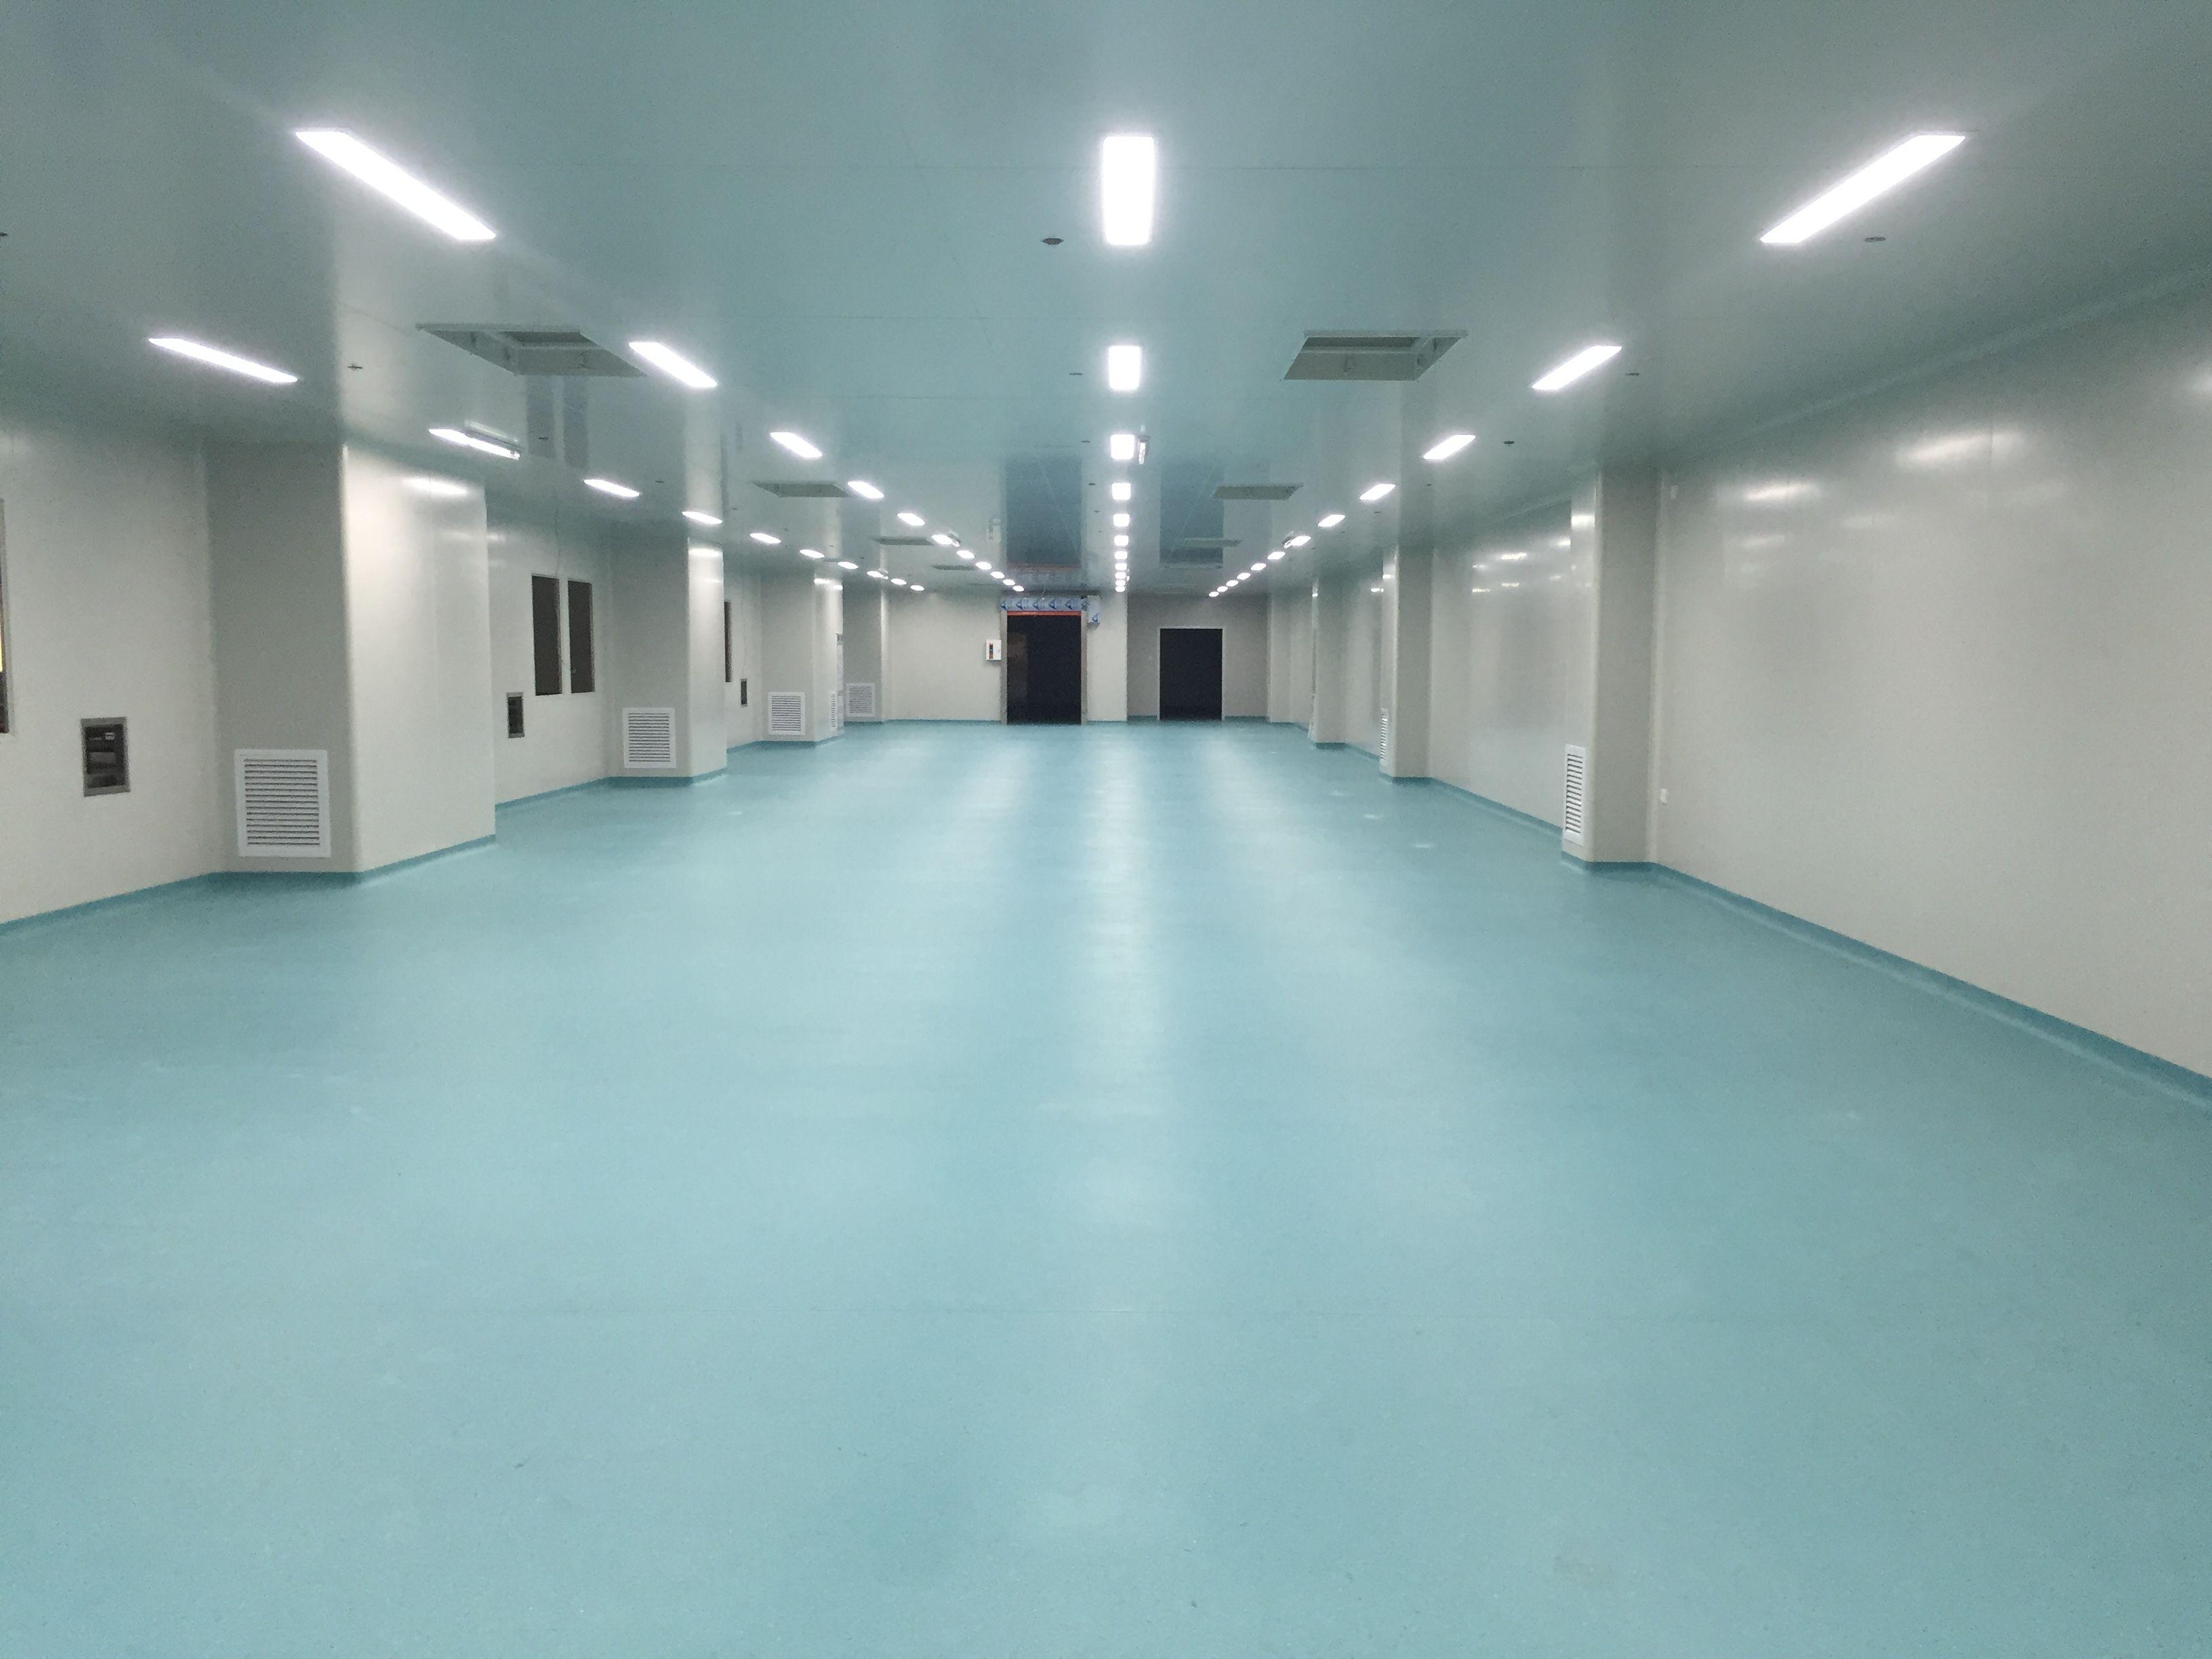 东莞厂房装修|东莞办公室装修|东莞装修公司|东莞实验室装修